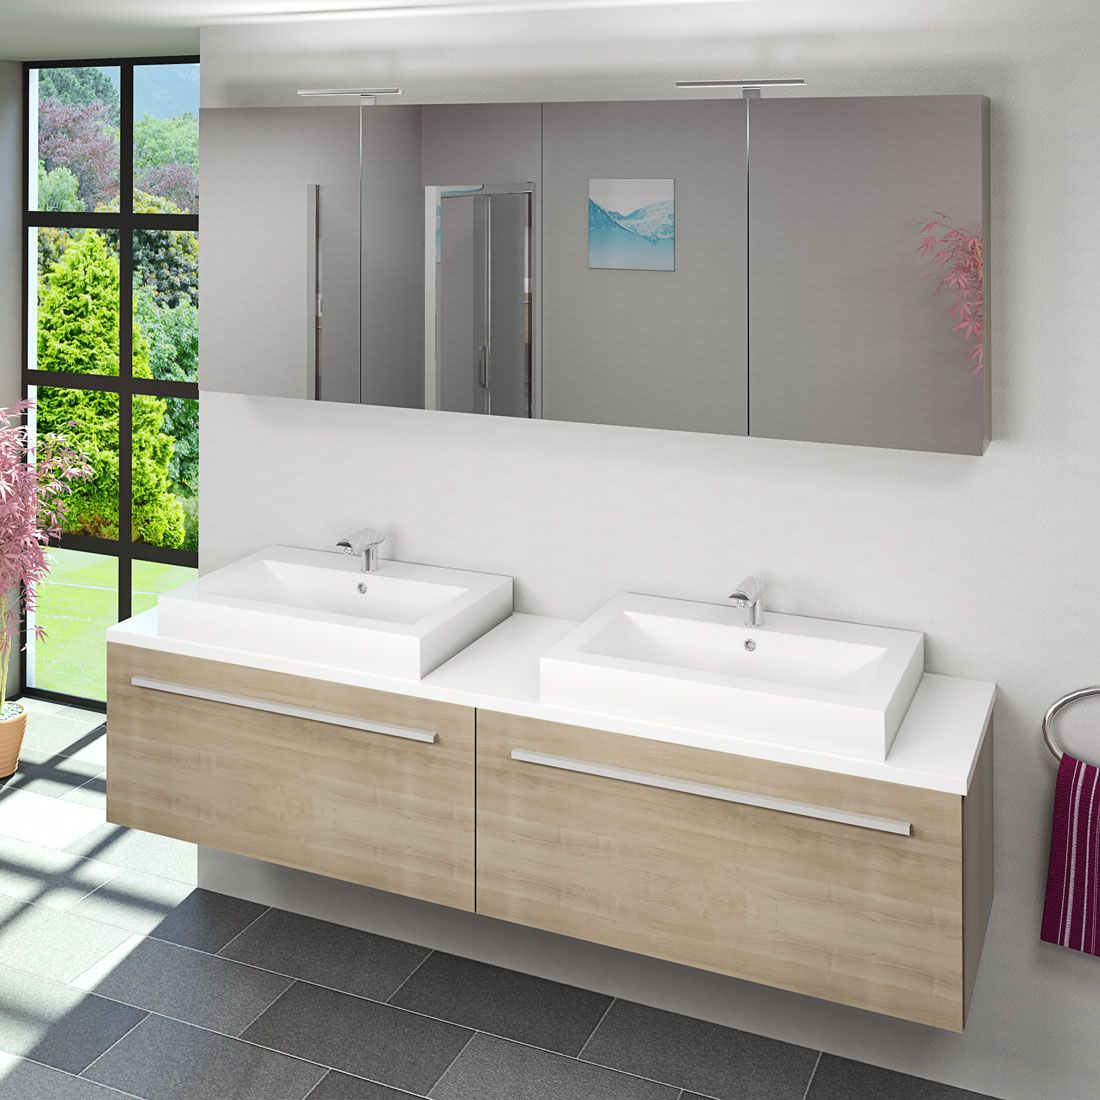 Tolle Badezimmer Unterschrank Doppelwaschbecken Badezimmer Unterschrank Badezimmer